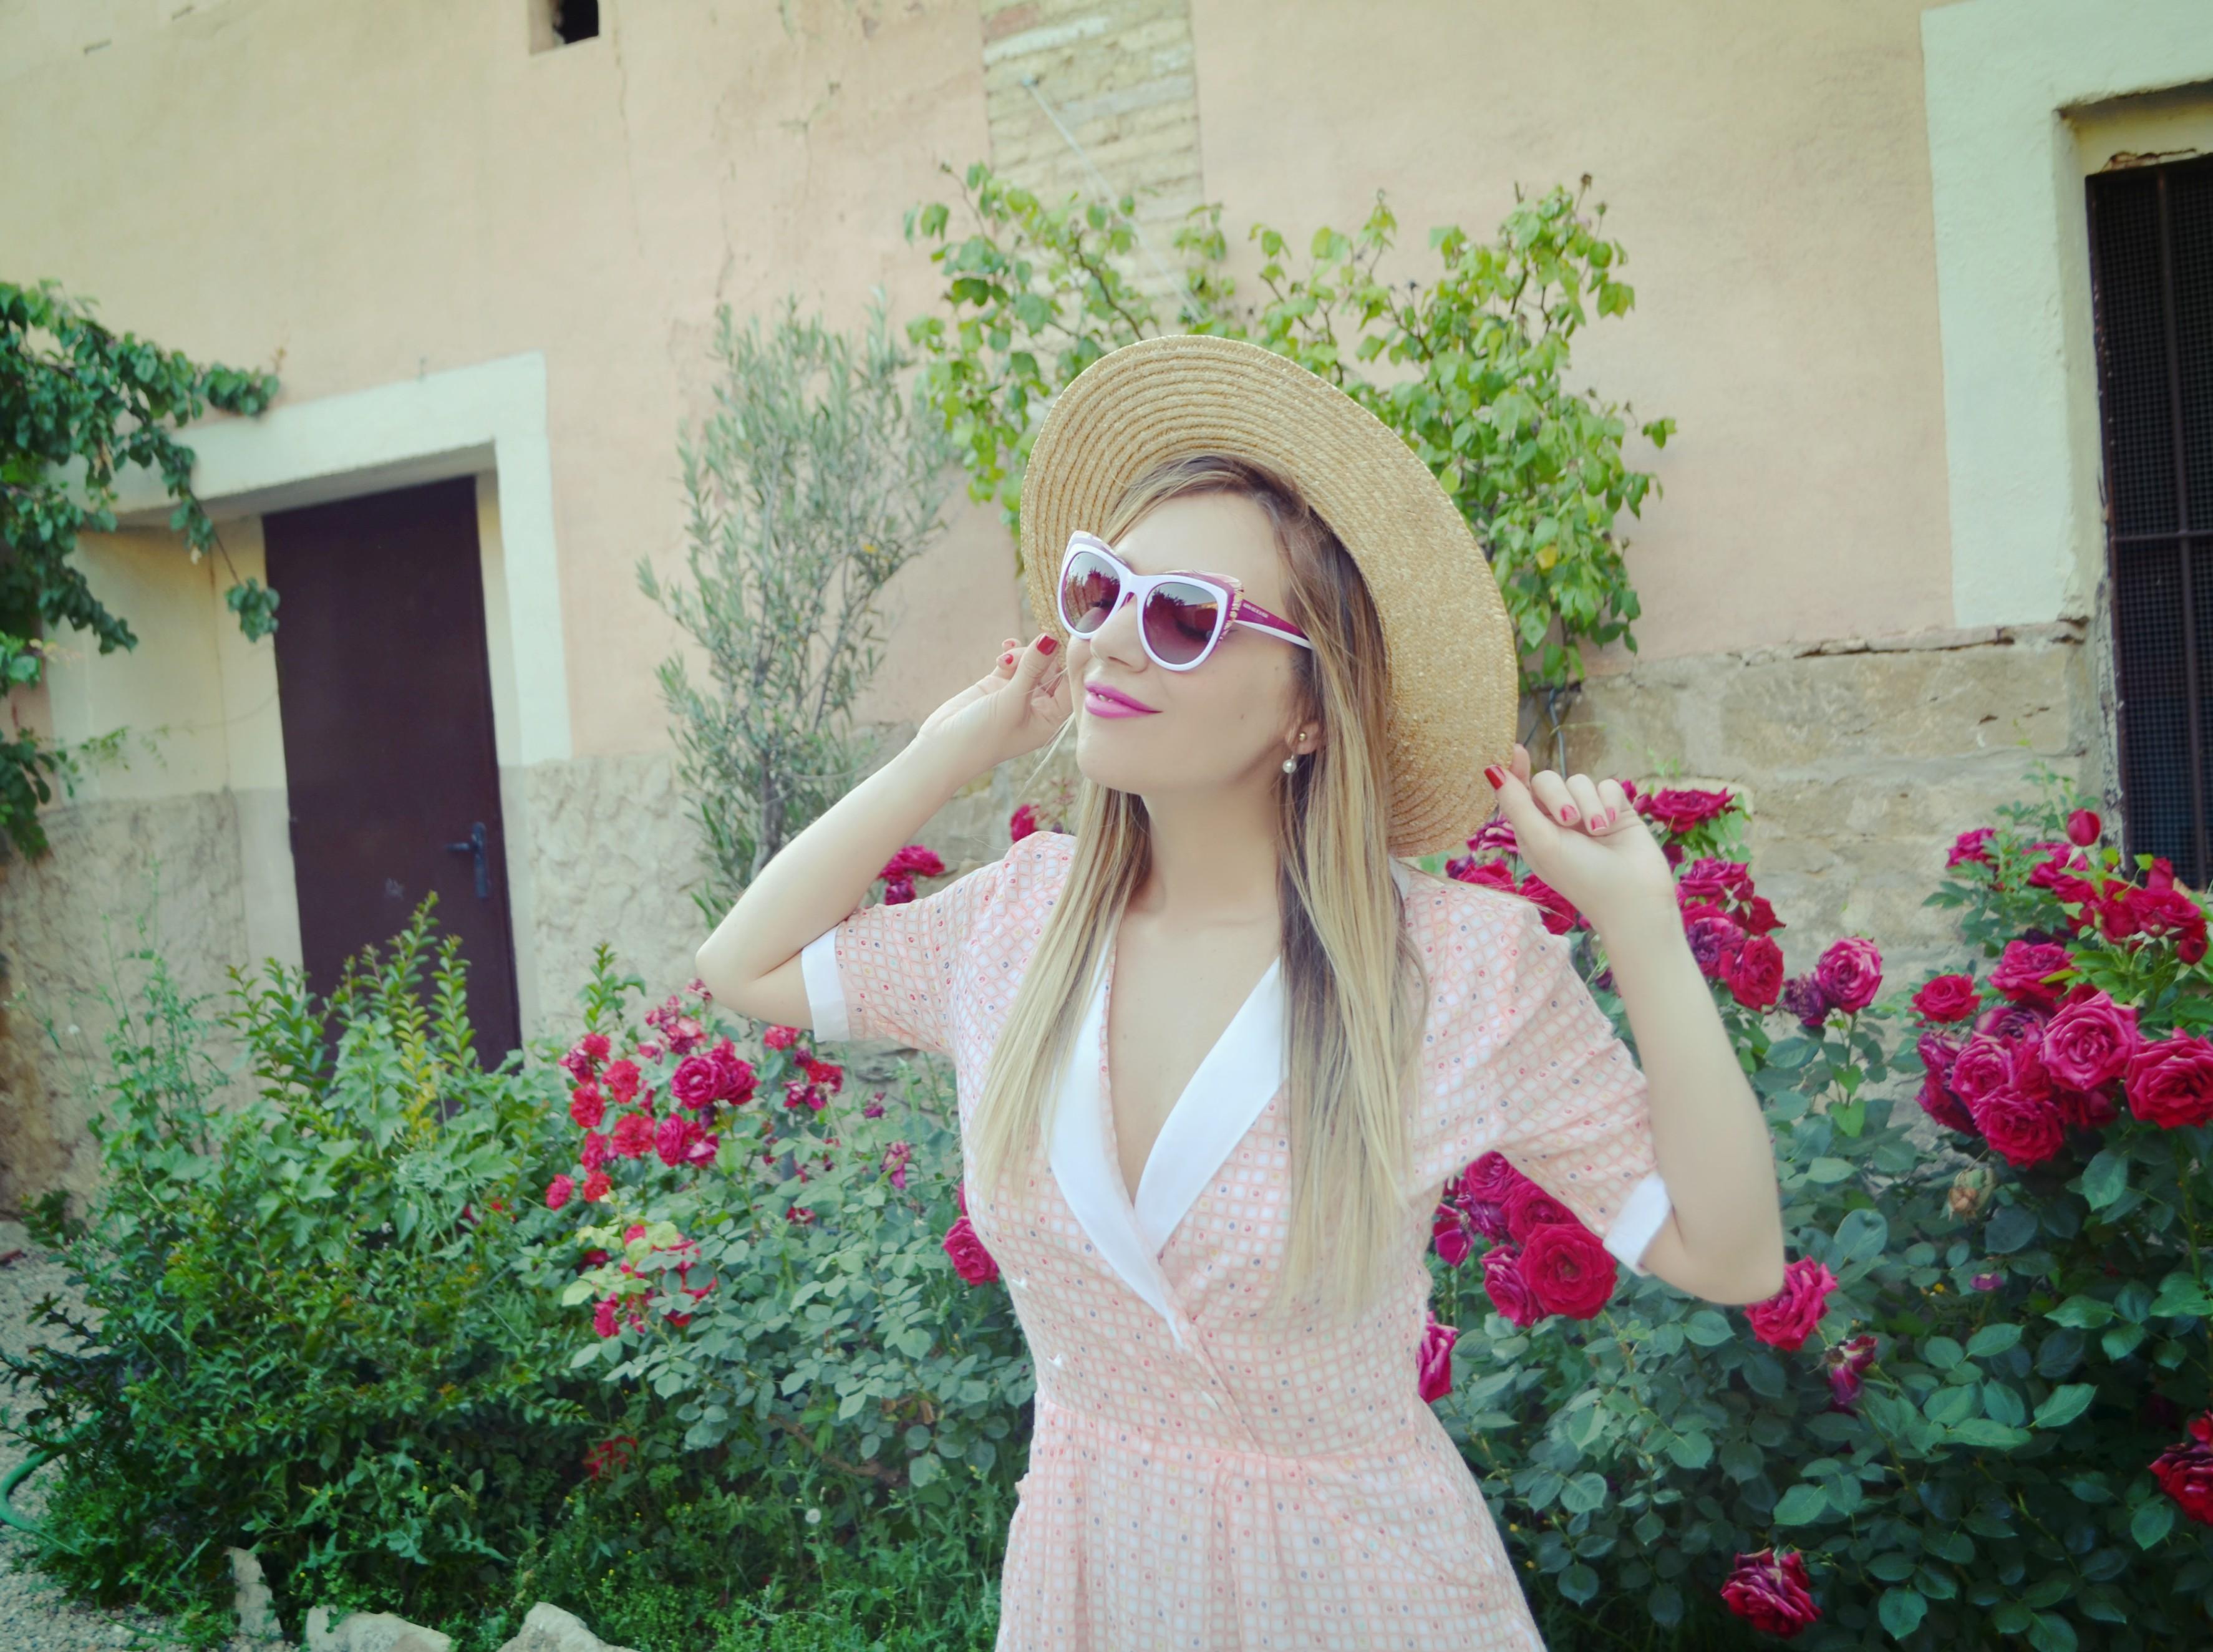 Viaje-influencers-florette-blog-de-moda-fashionista-ChicAdicta-look-vintage-Chic-Adicta-vestido-rosa-PiensaenChic-Piensa-en-Chic